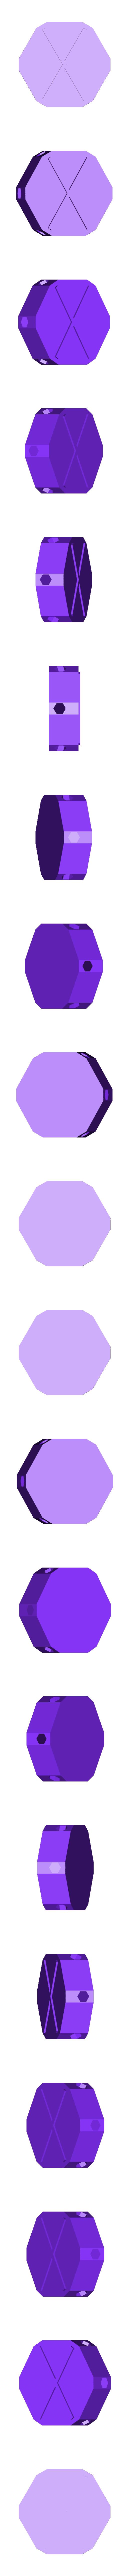 Mini-dome-hexa.stl Download free STL file Mini-dome • 3D printable model, Ogrod3d